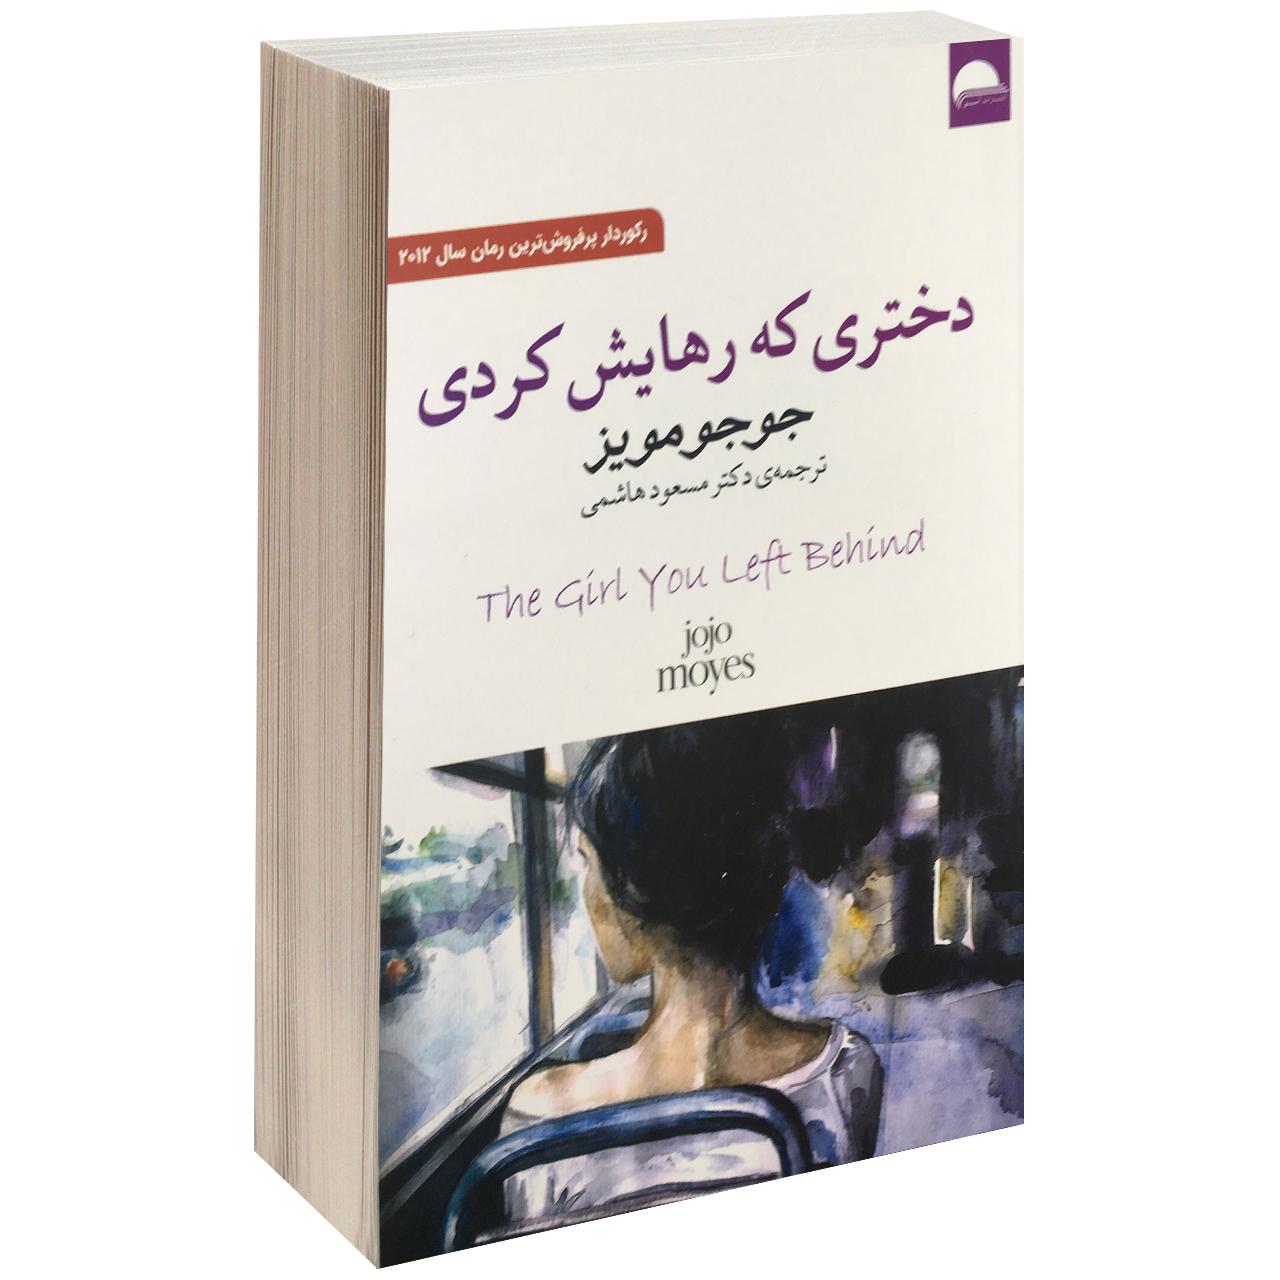 خرید                      کتاب دختری که رهایش کردی اثر جوجو مویز